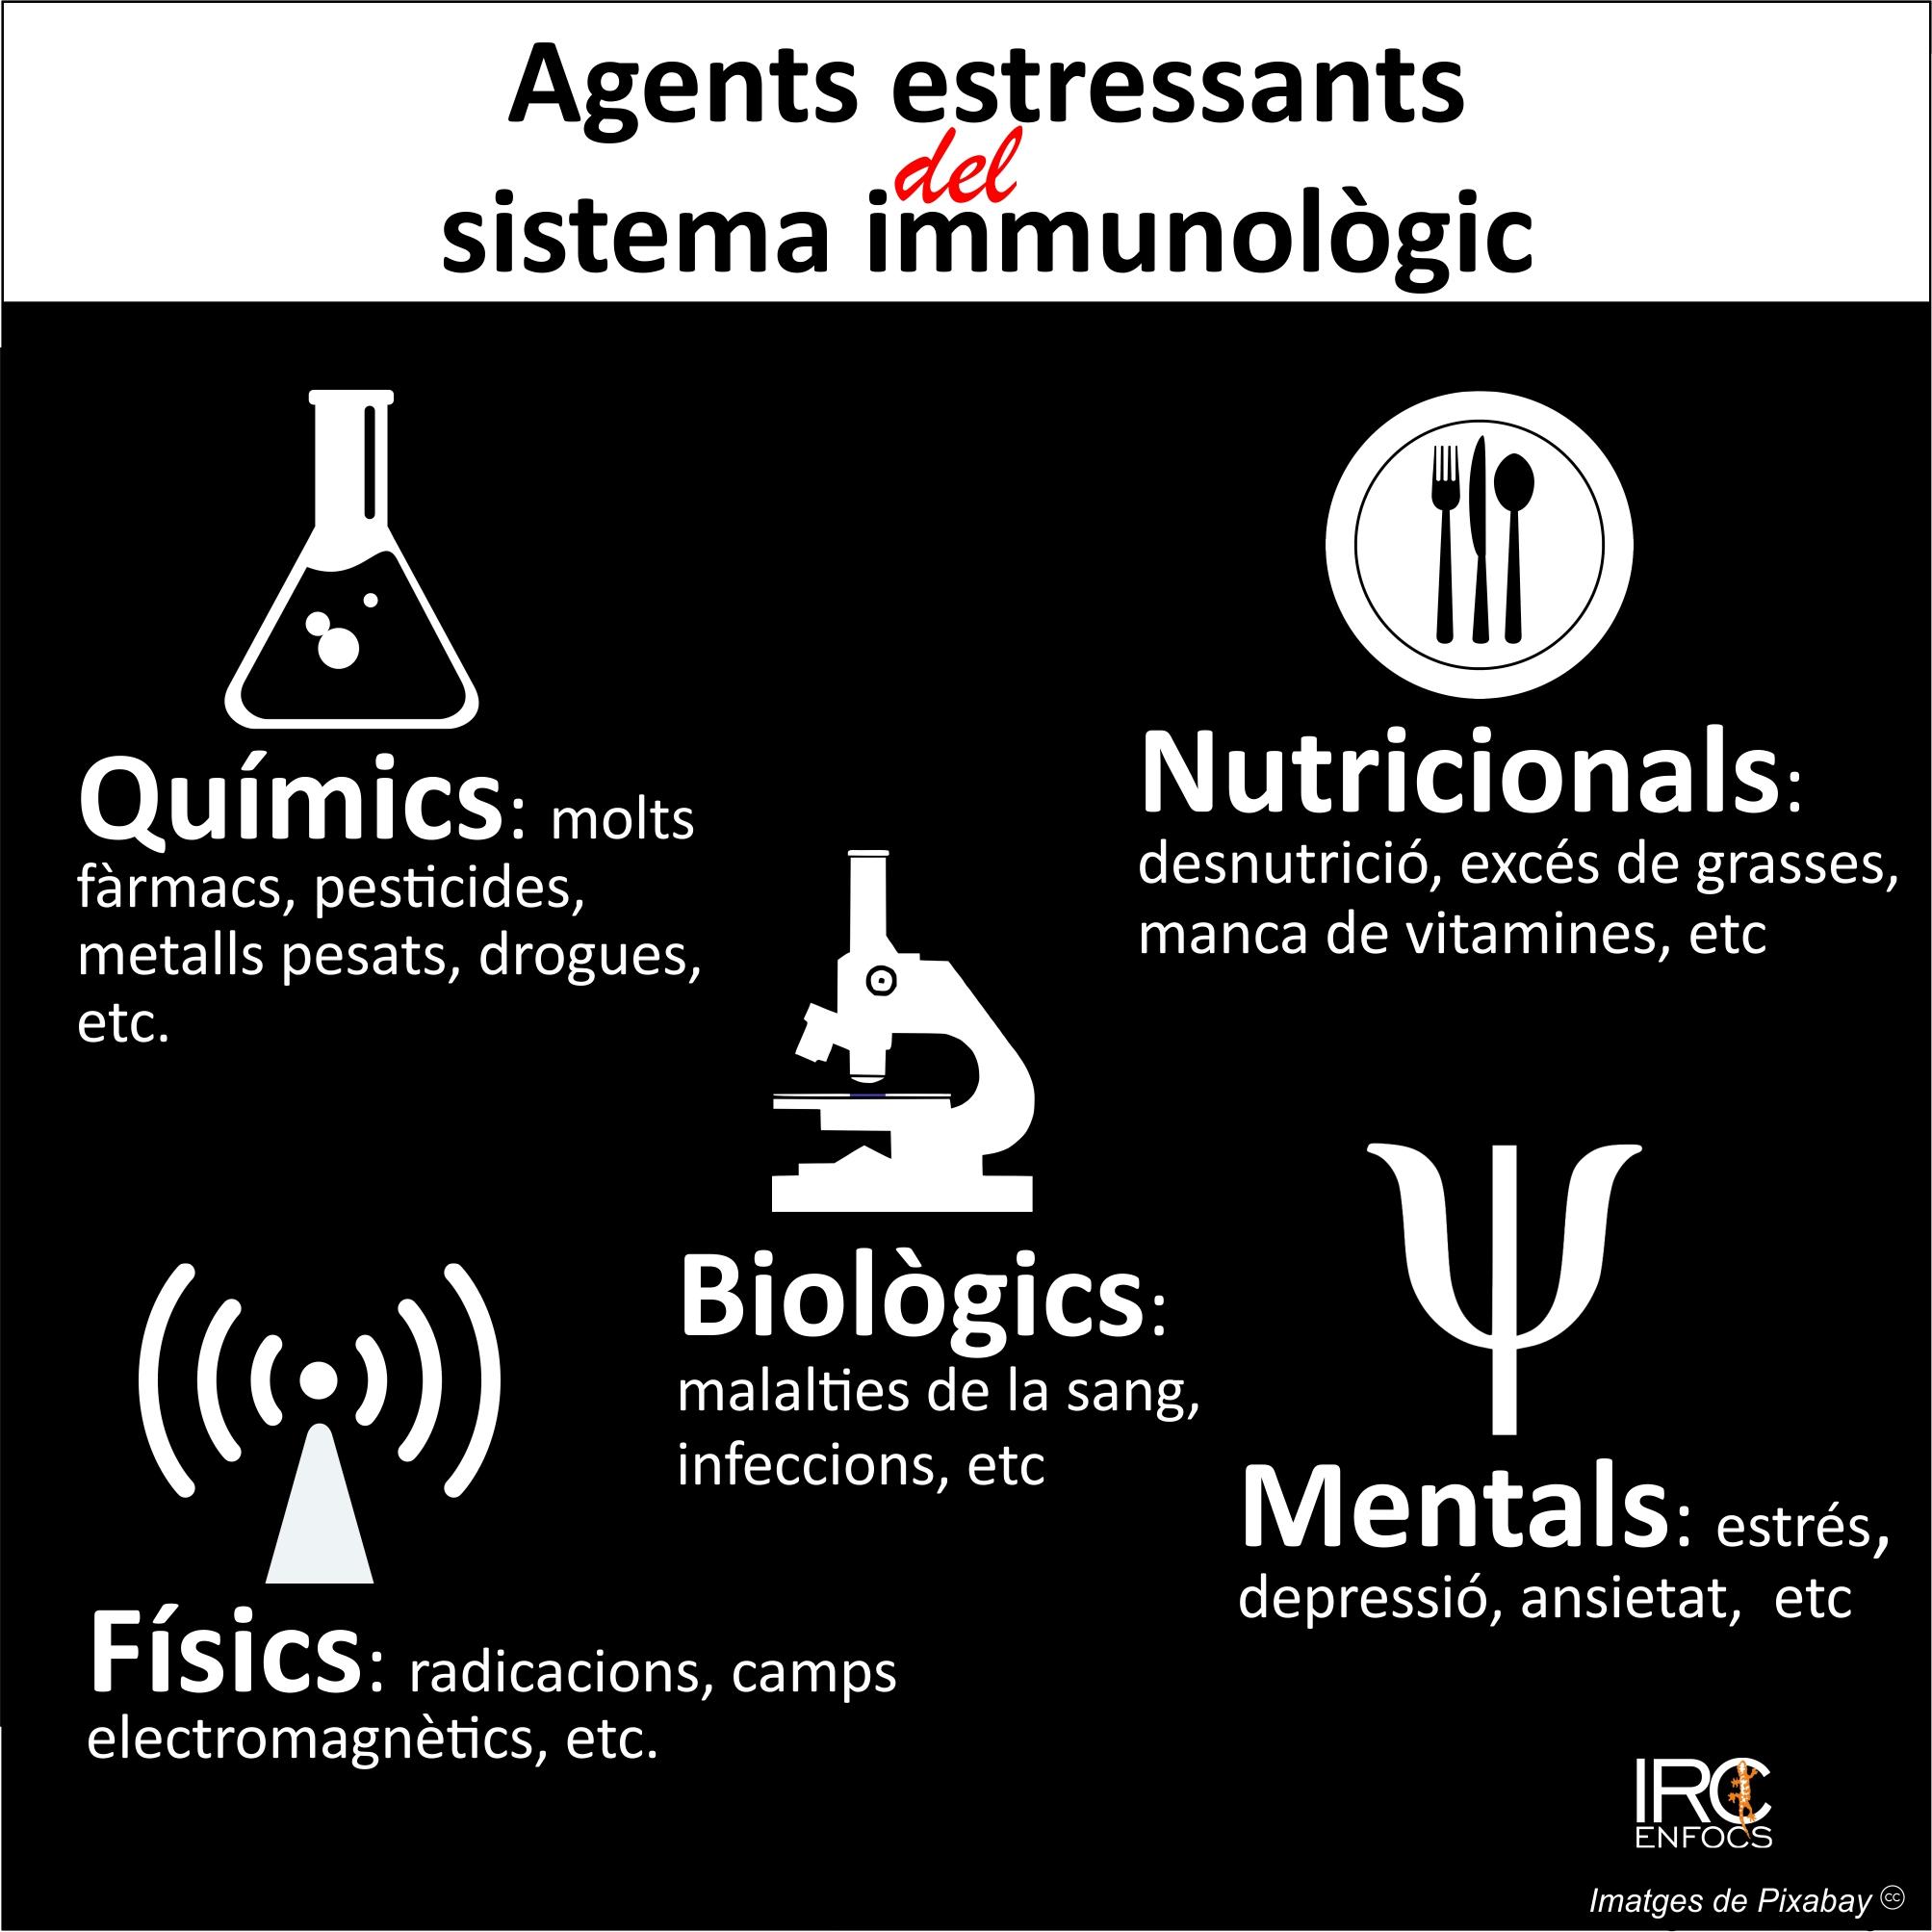 agents estressants